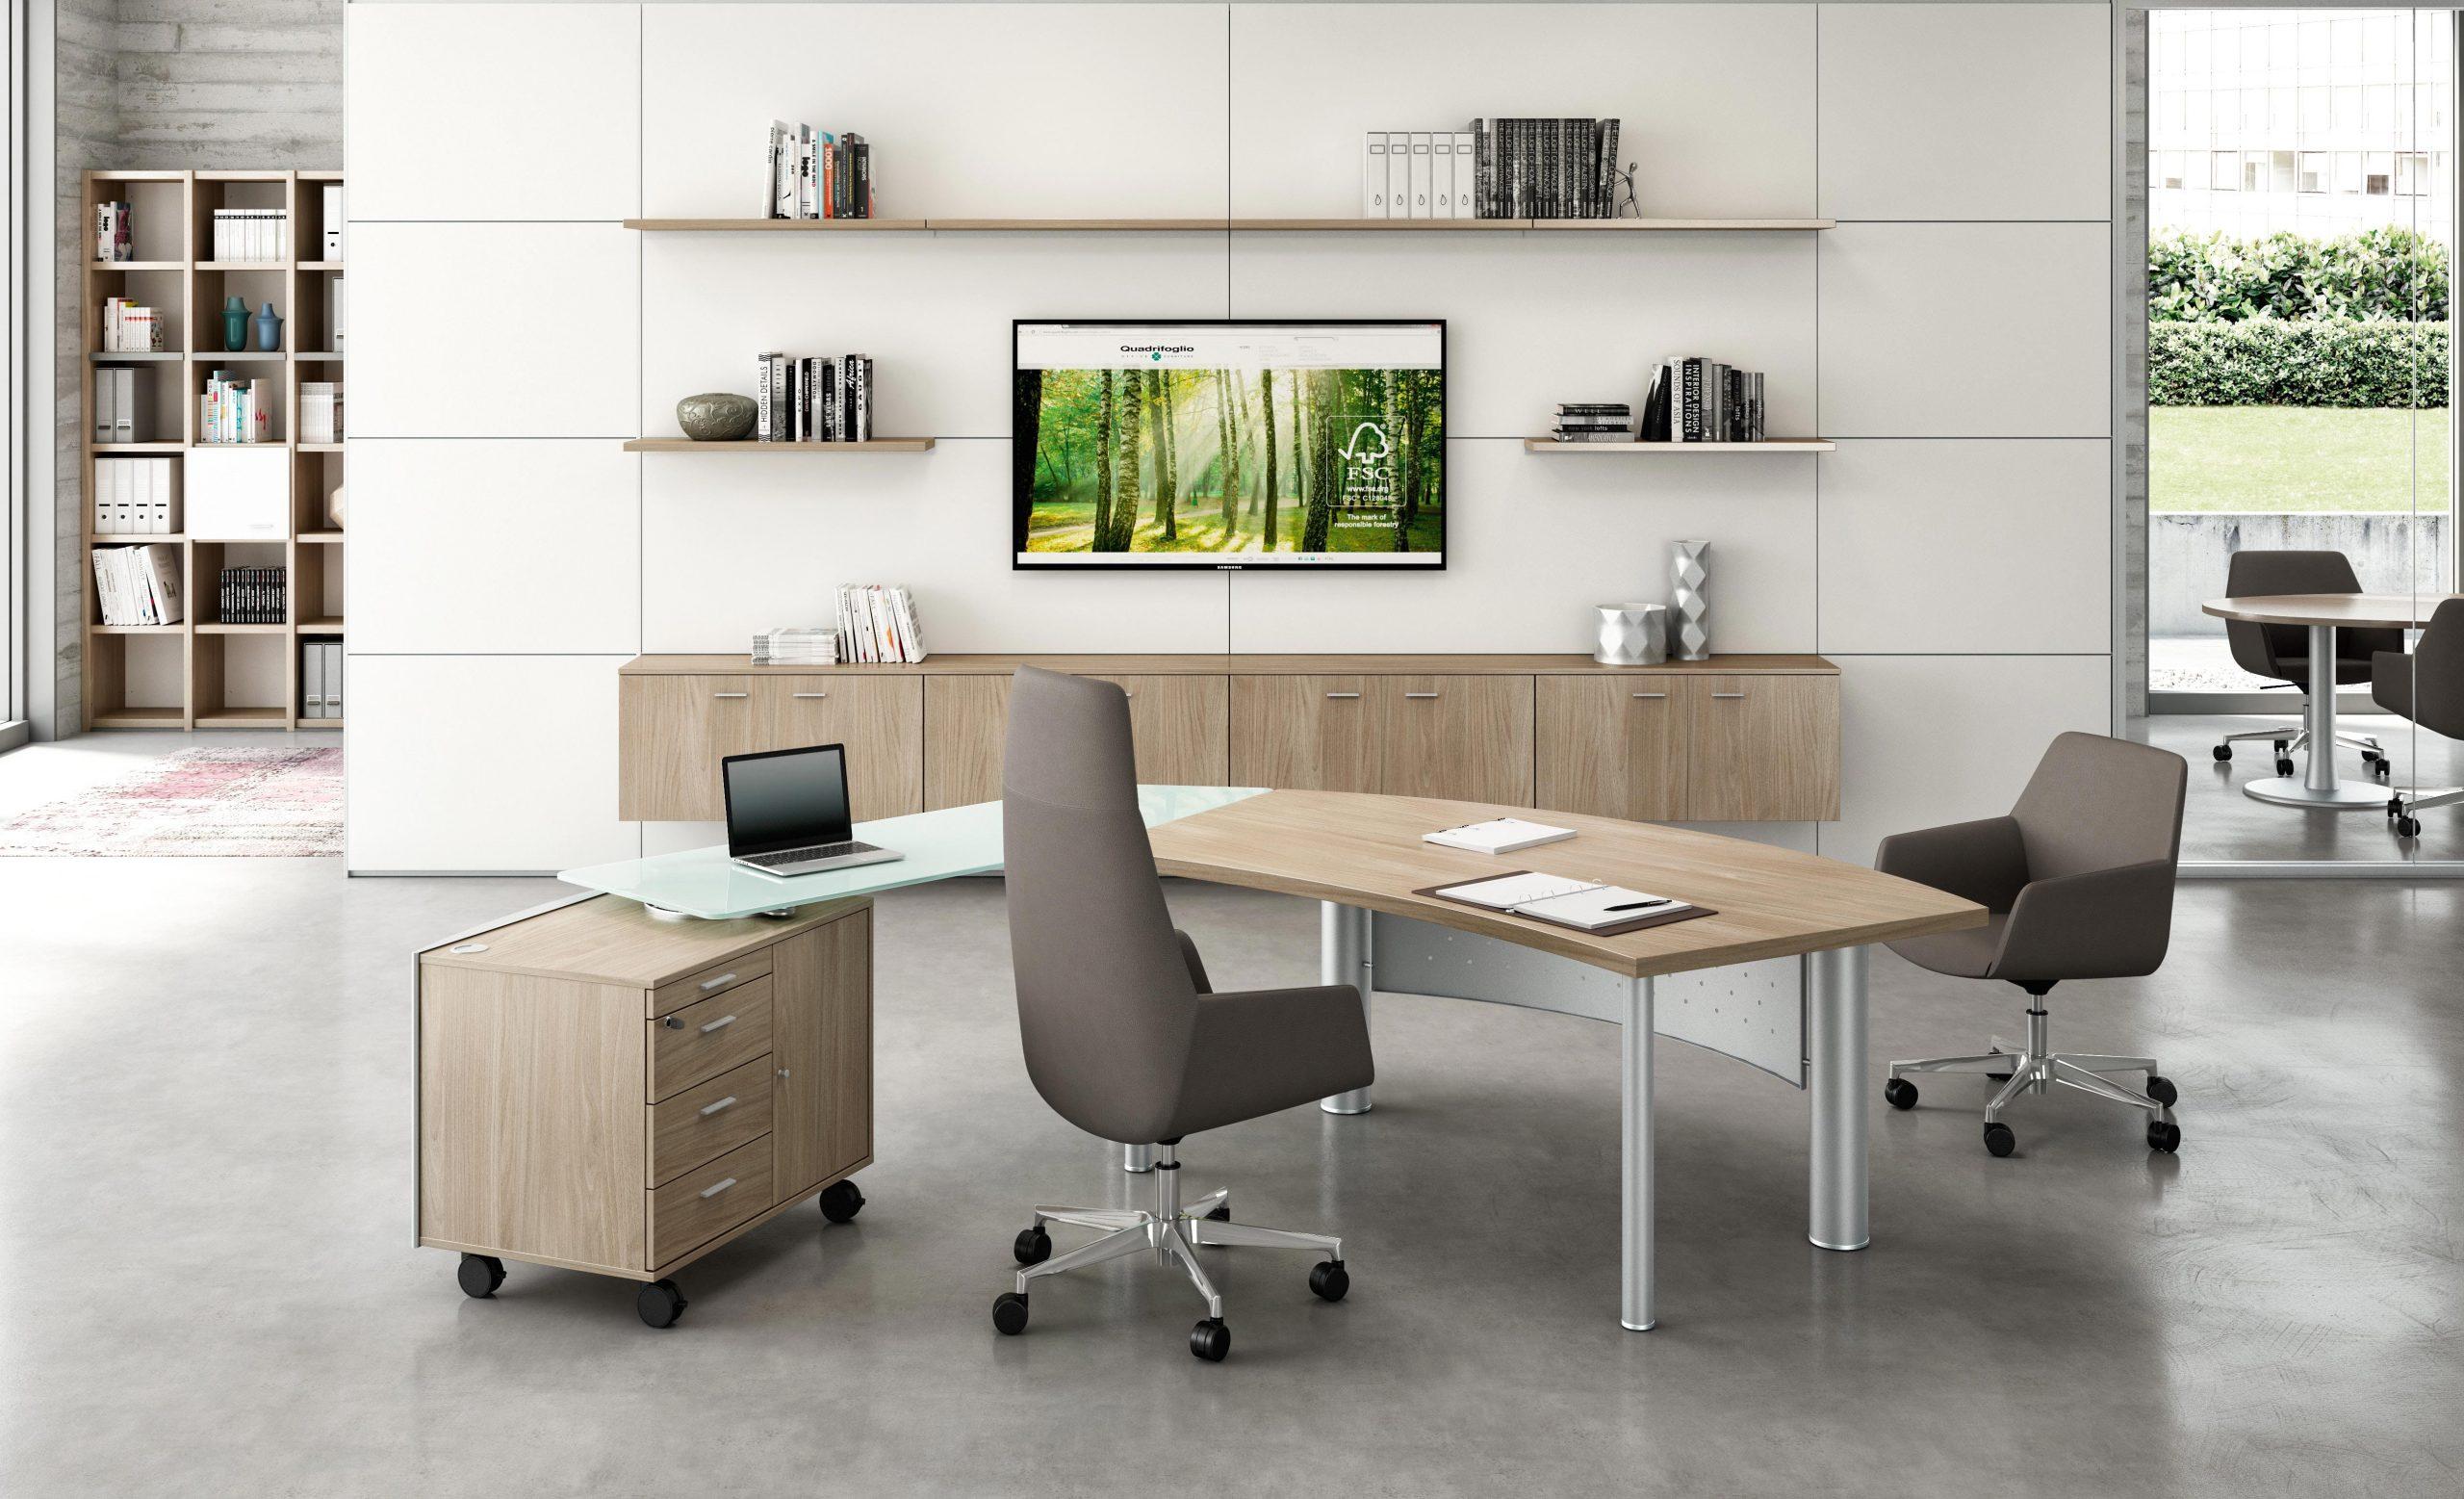 Mobili per ufficio Direzionali X time